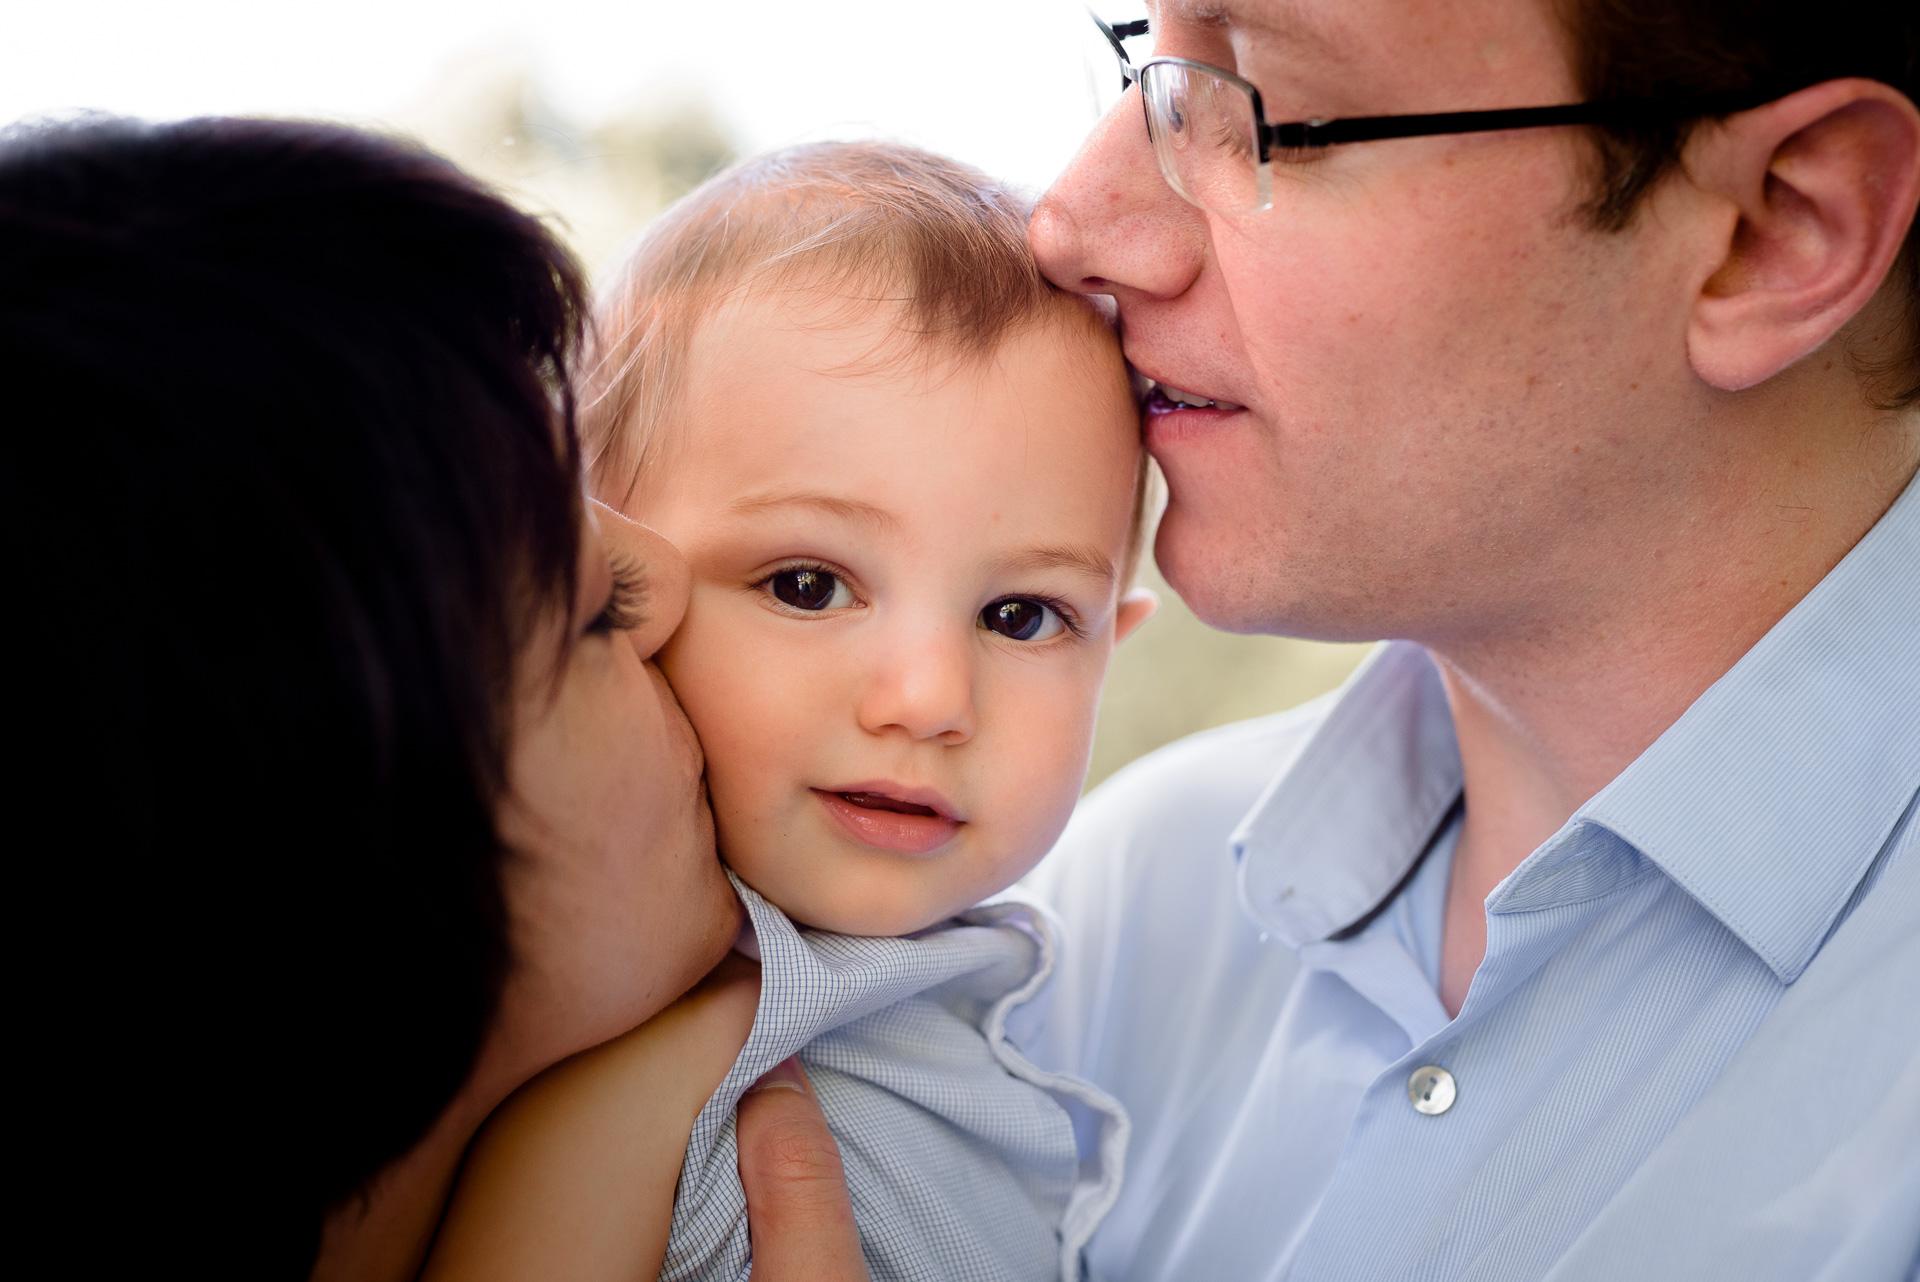 Photographe bébé portrait Famille Yvelines Séance extérieur Lifestyle Le Vesinet Chatou 78